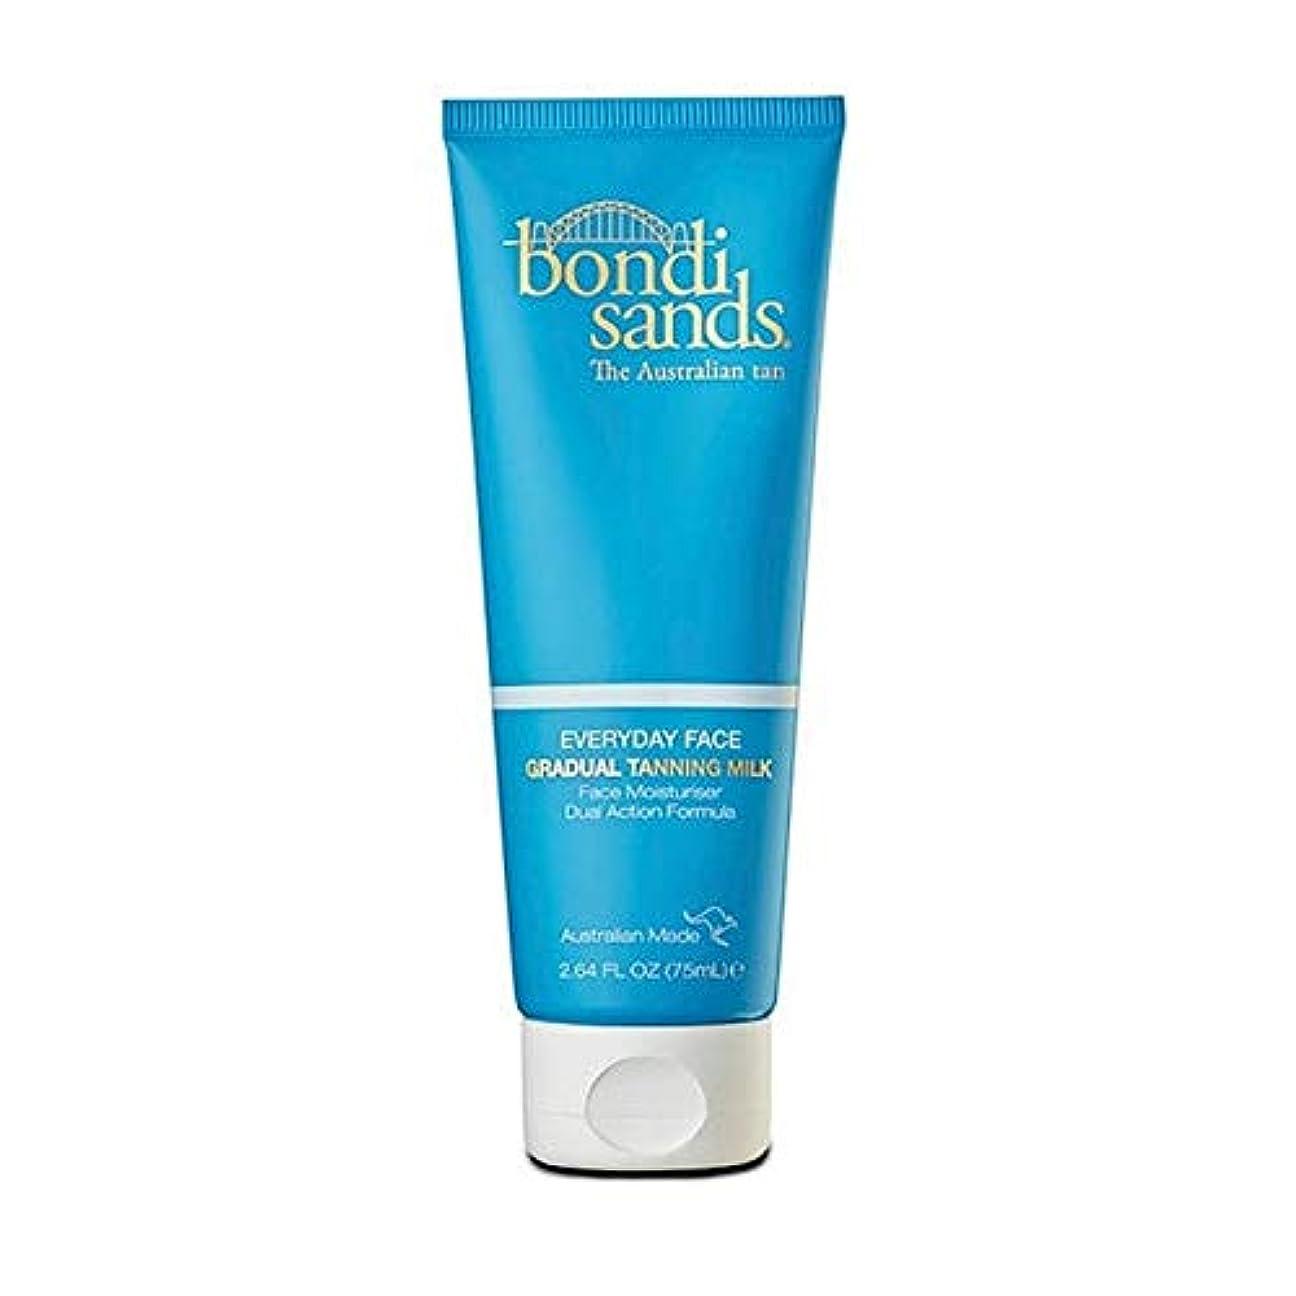 高価な追い越す洞察力[Bondi Sands ] 日常ボンダイ砂 - 顔のための段階的な日焼けミルク - 75ミリリットル - Bondi Sands Everyday - Gradual Tanning Milk for Face - 75ml...